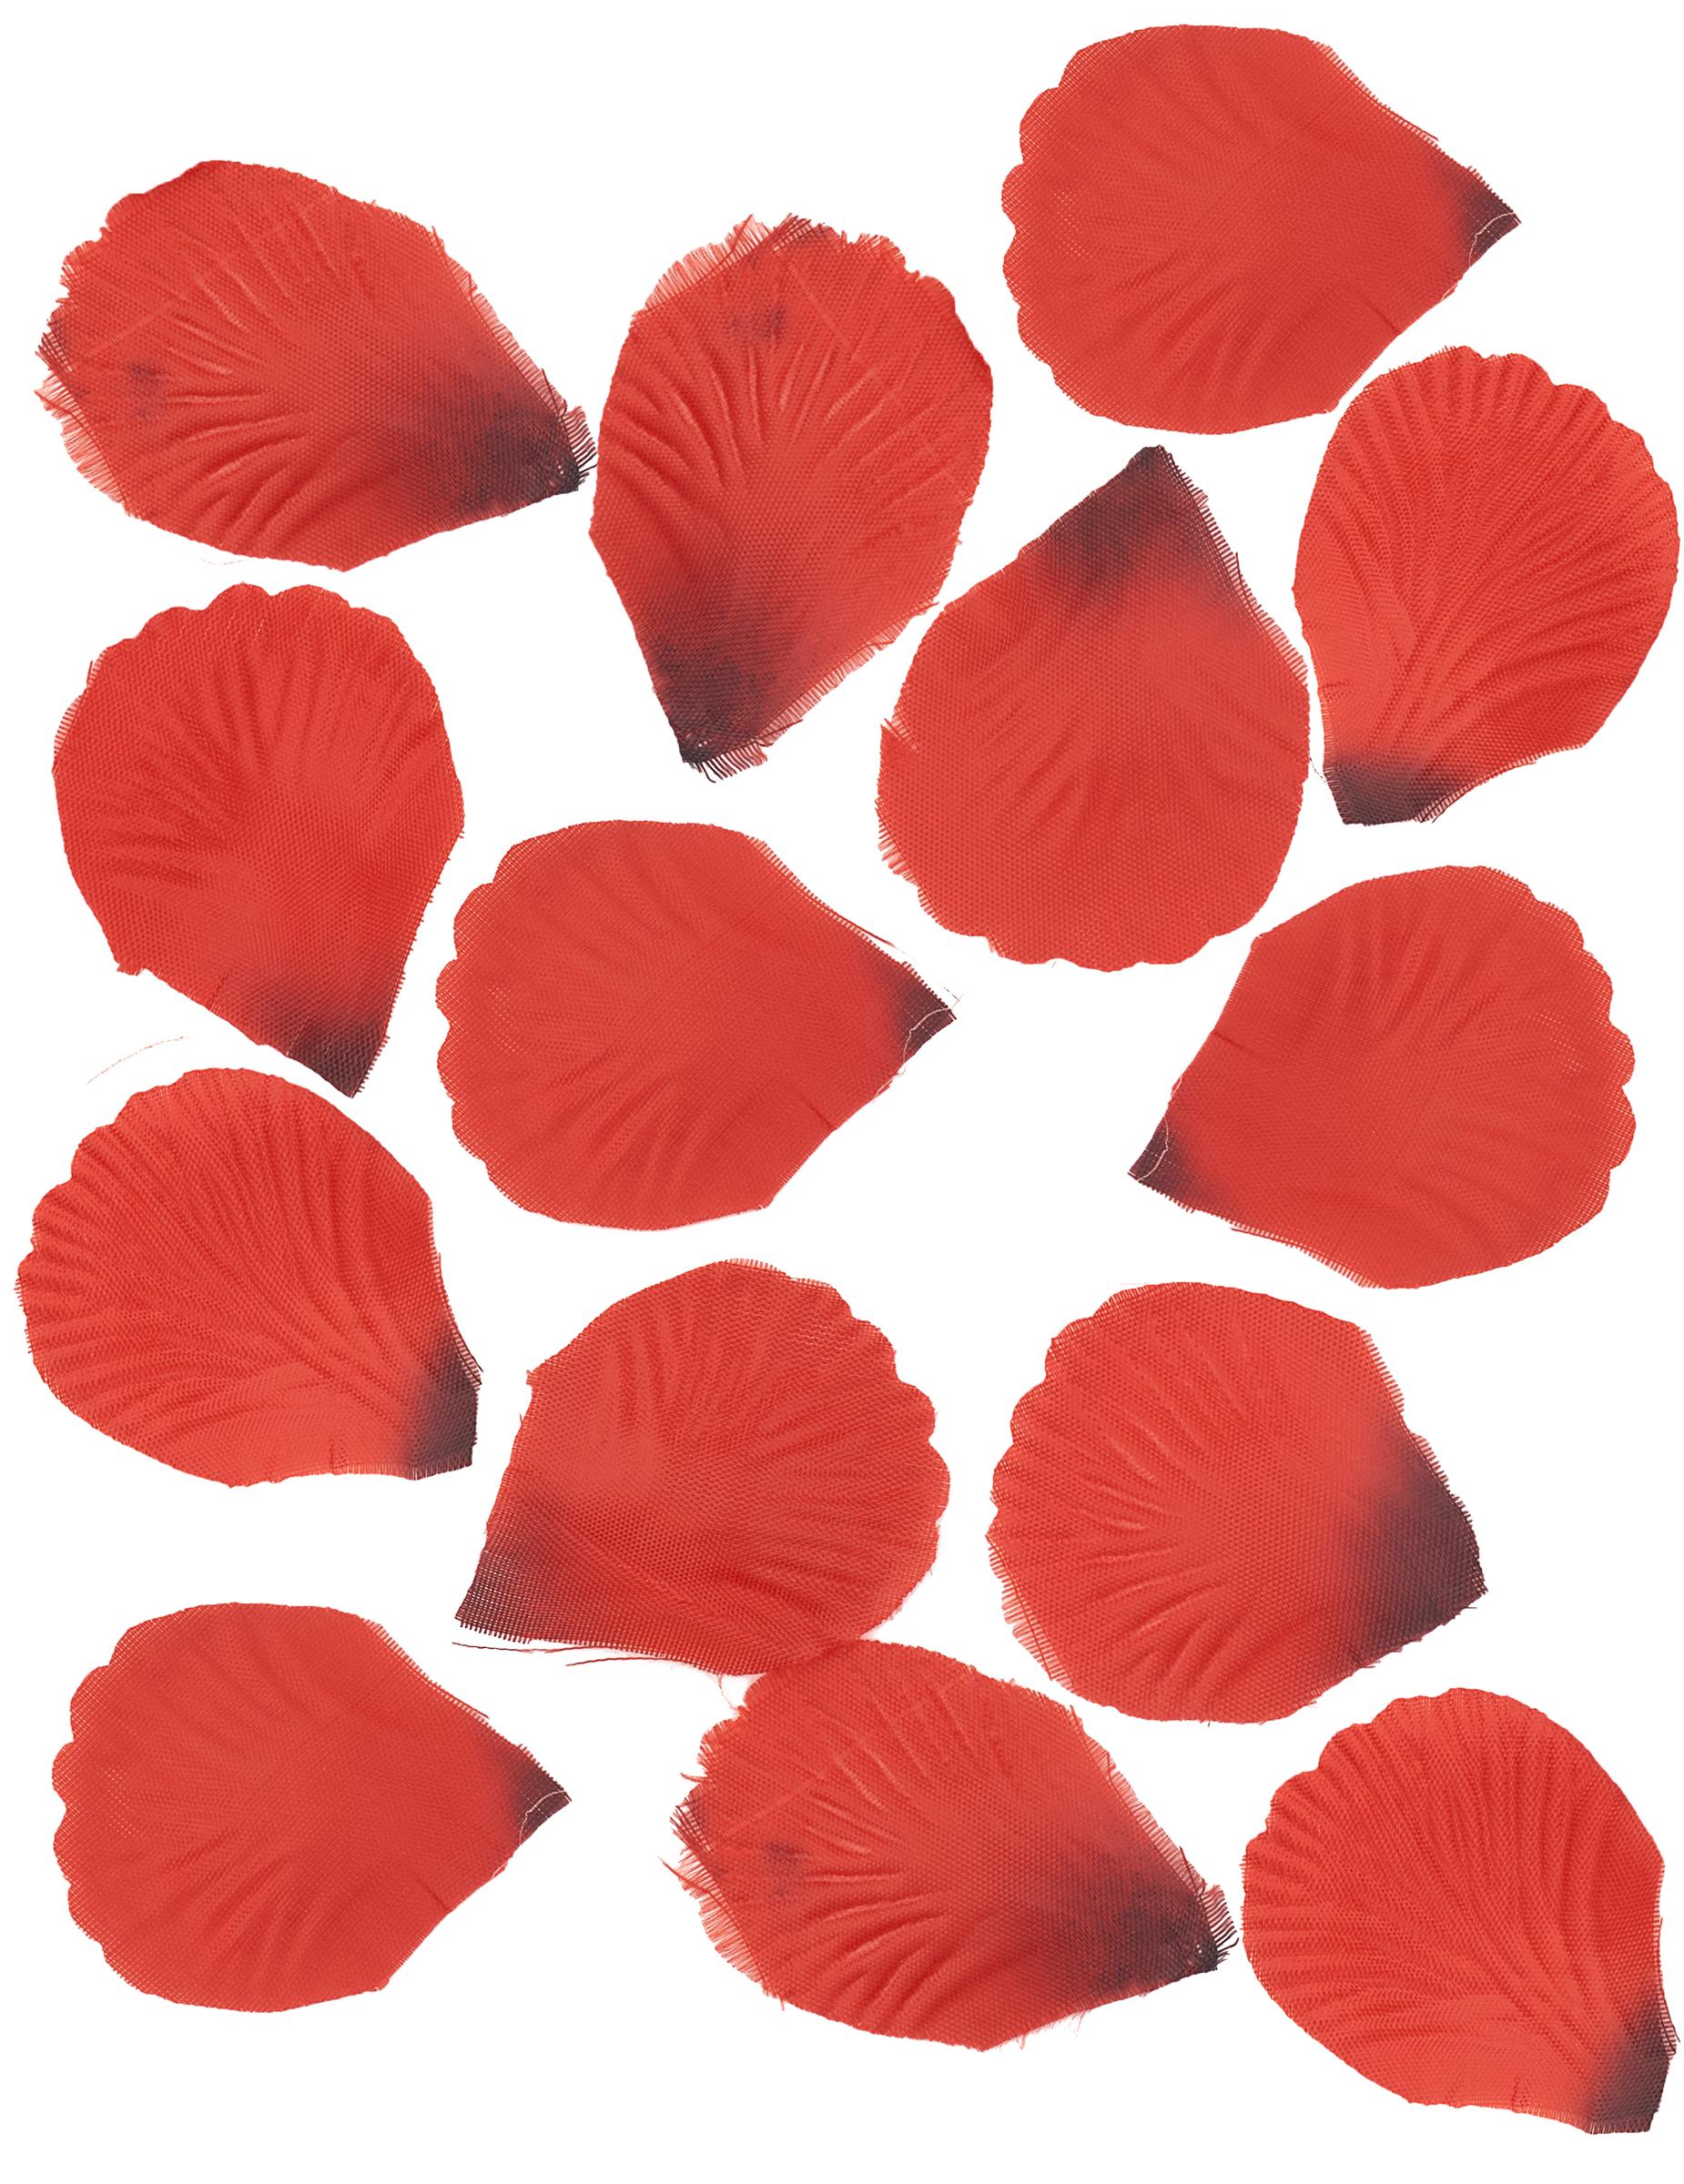 100 p tales de rose en tissu rouge sombre d coration anniversaire et f tes th me sur vegaoo party. Black Bedroom Furniture Sets. Home Design Ideas